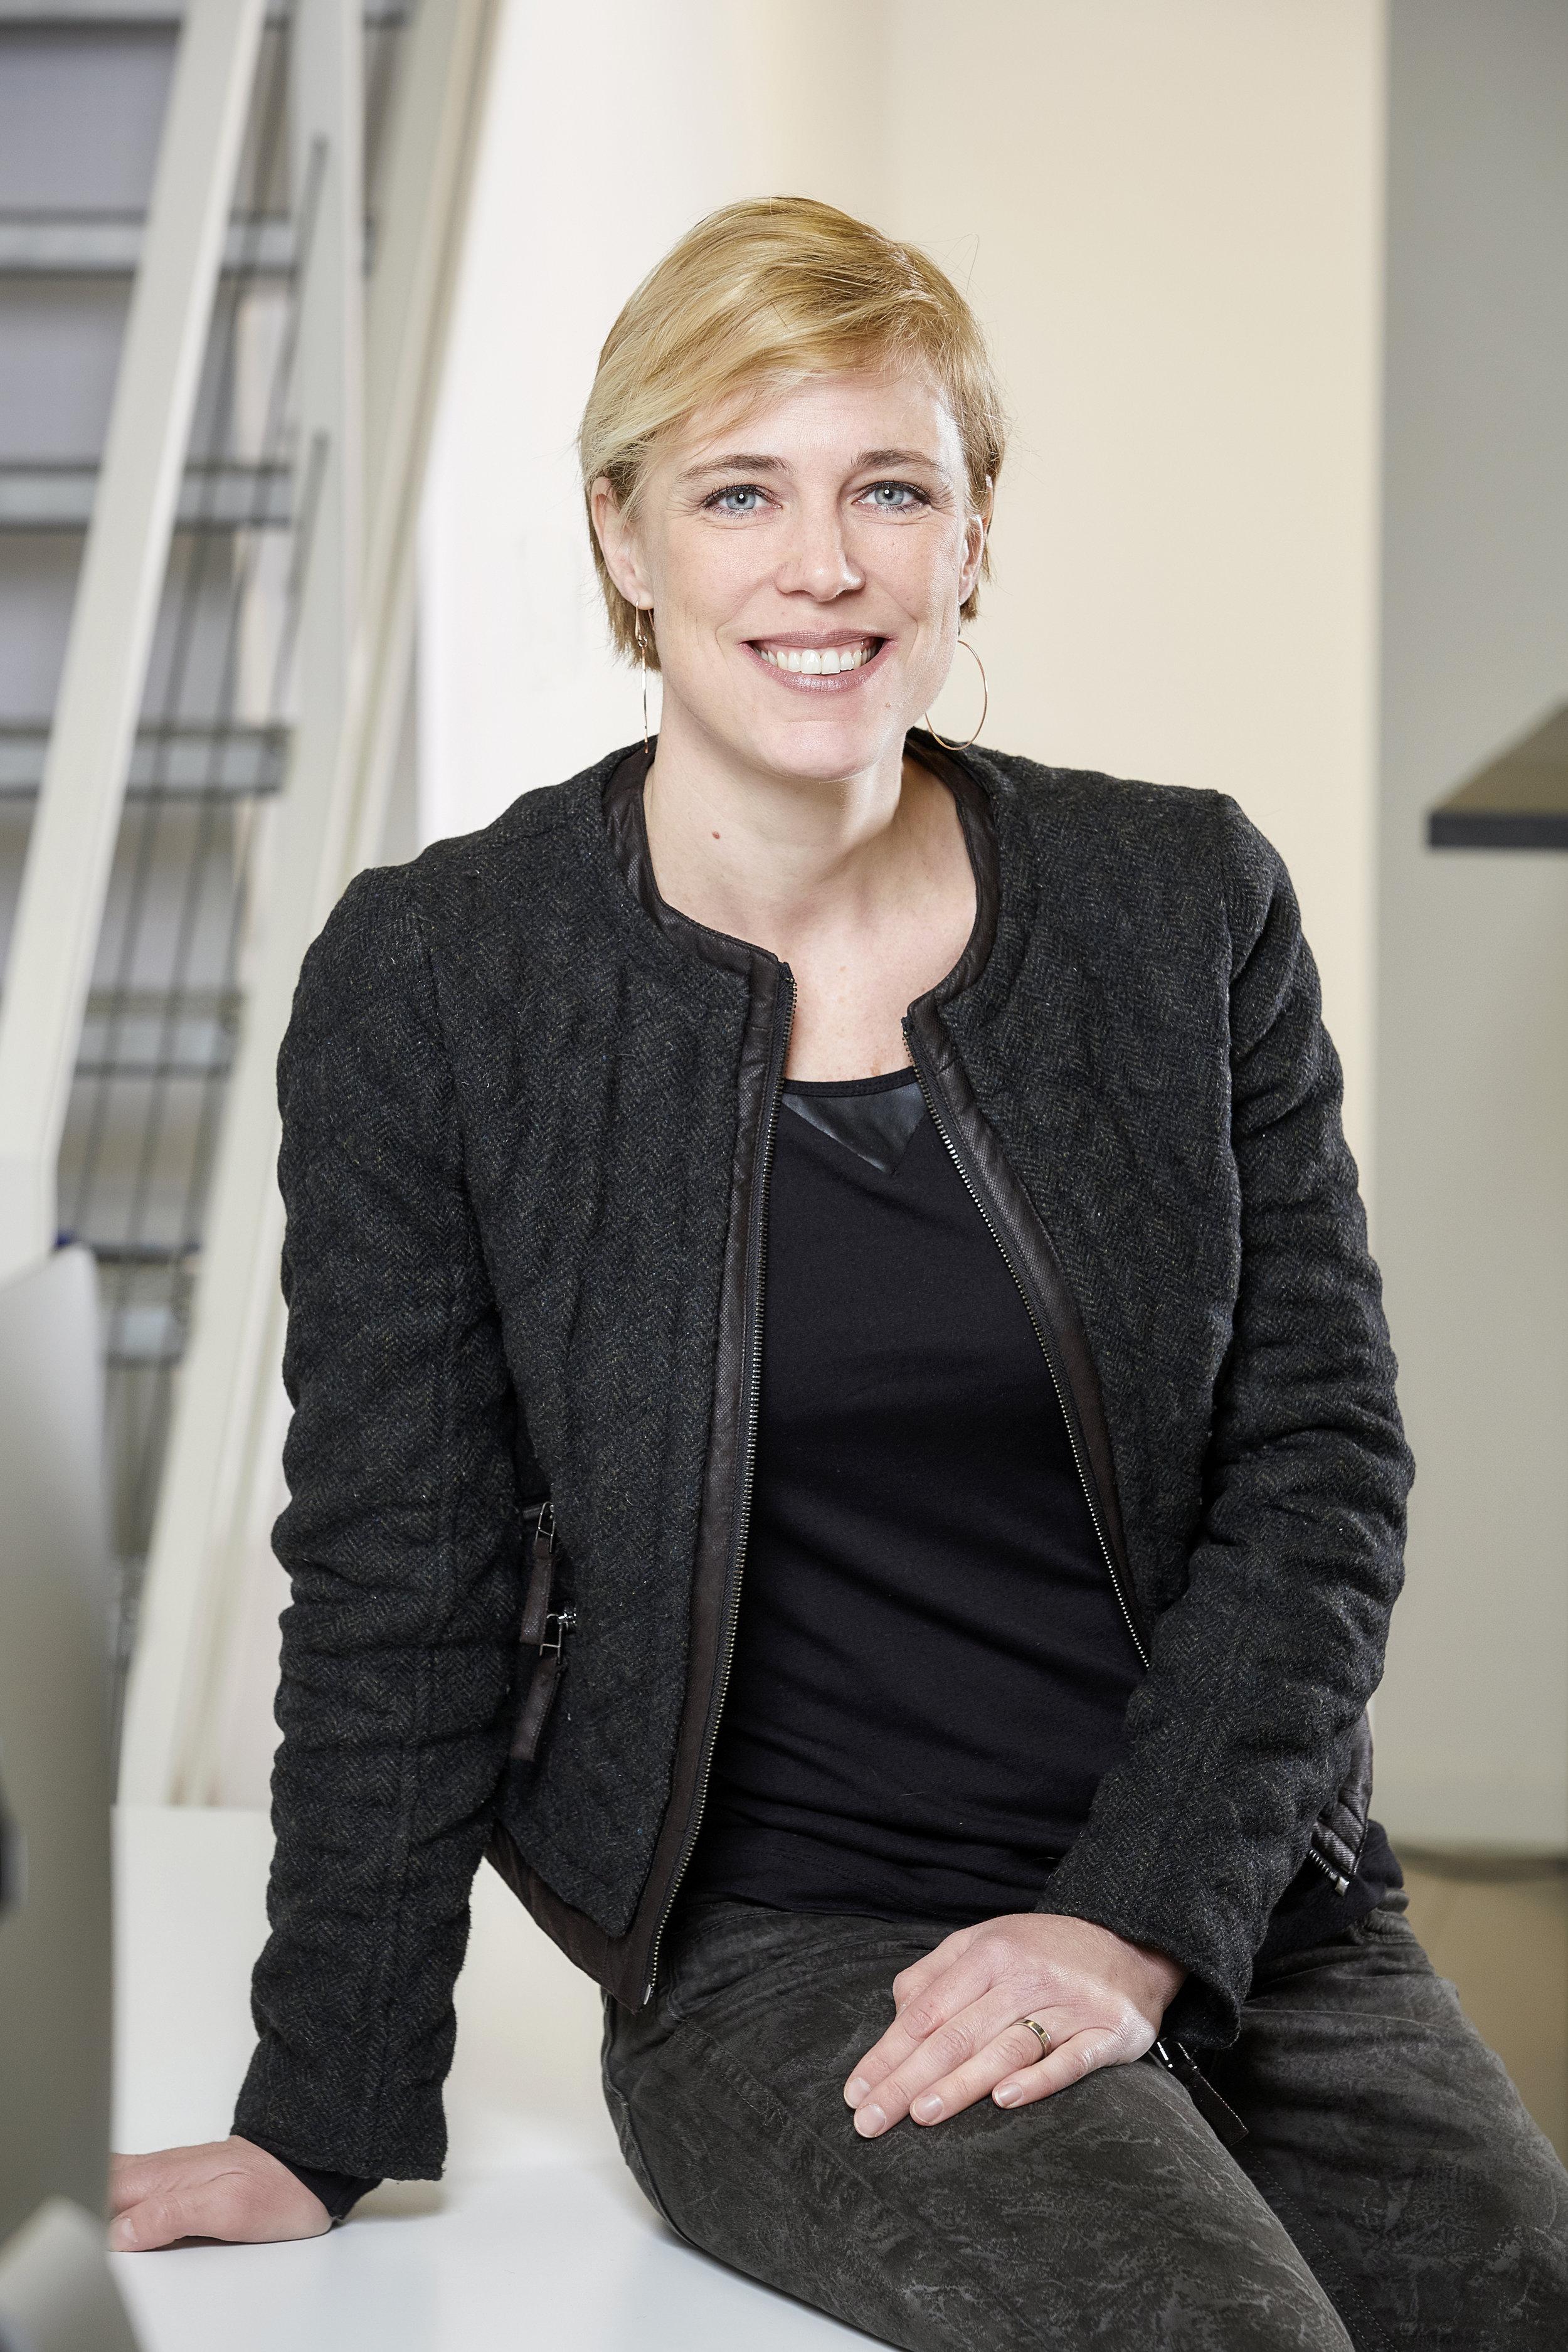 Angélique van Beers, corporate journalism